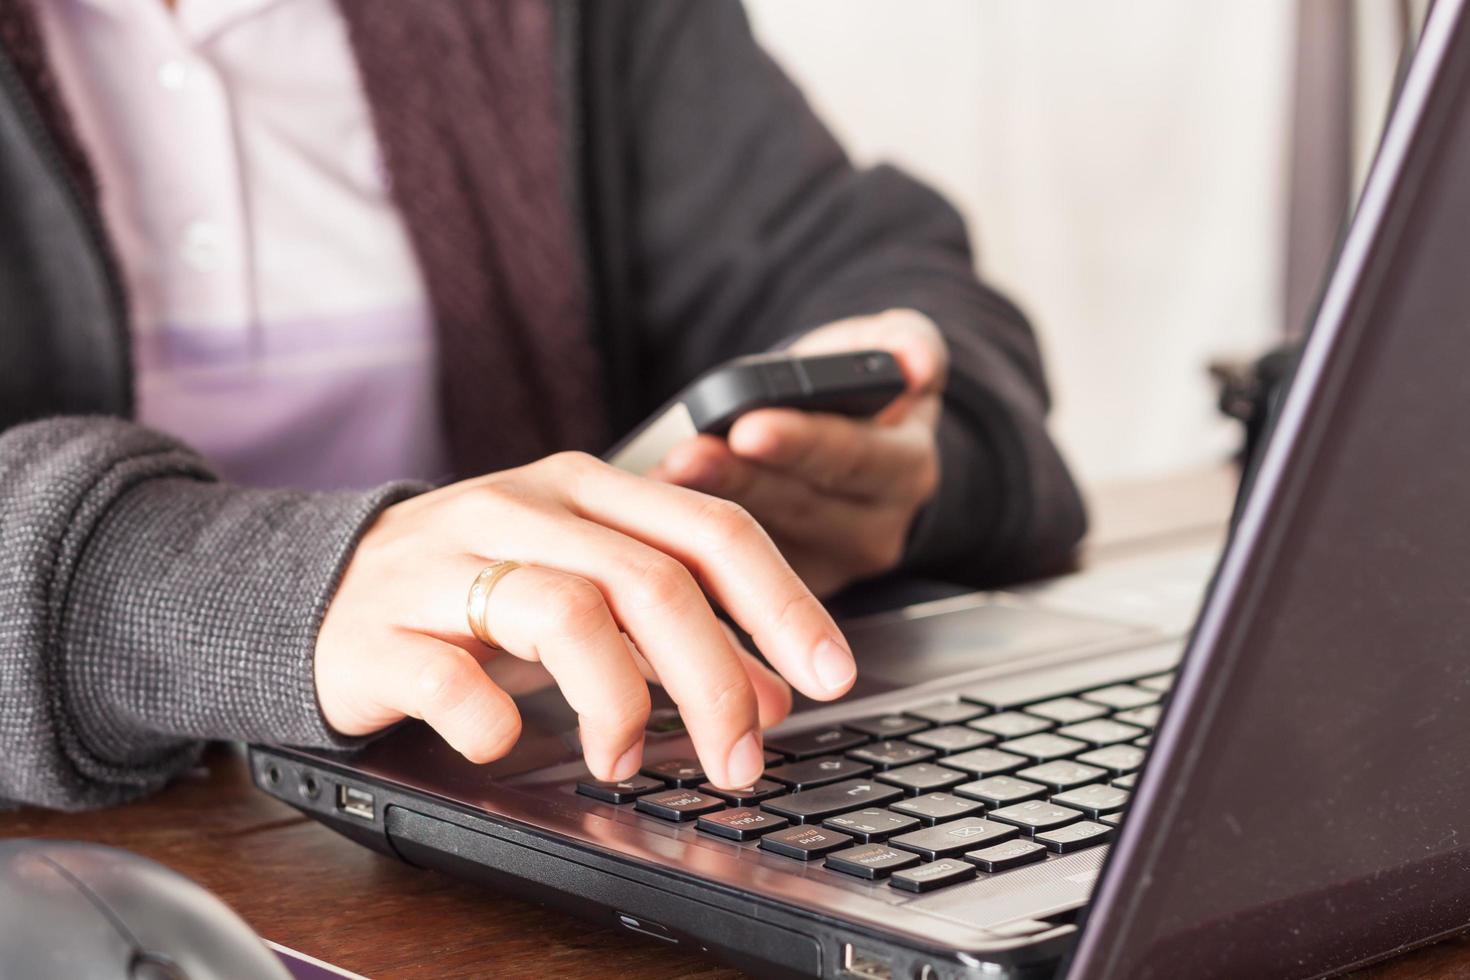 personne travaillant sur un ordinateur portable tout en regardant son téléphone photo